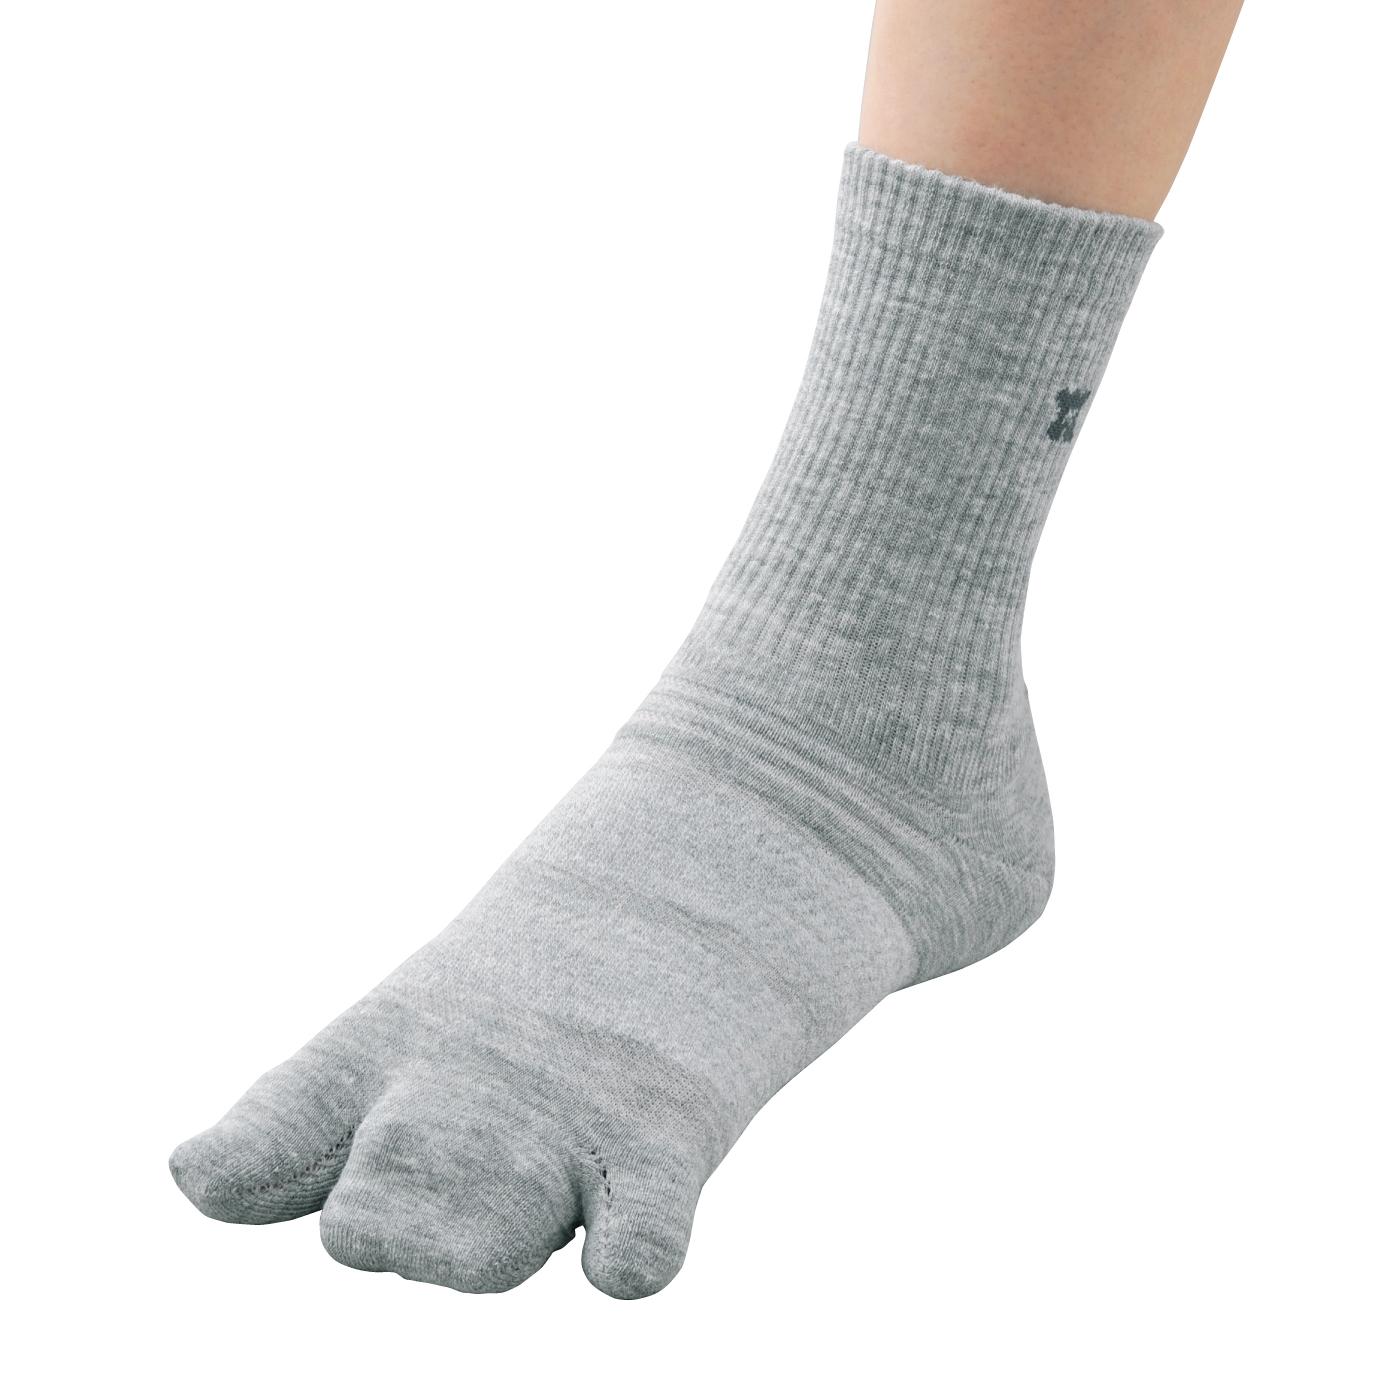 足のふんばりをサポート! 3指ソックススタンダードジャスト丈【グレー】の会